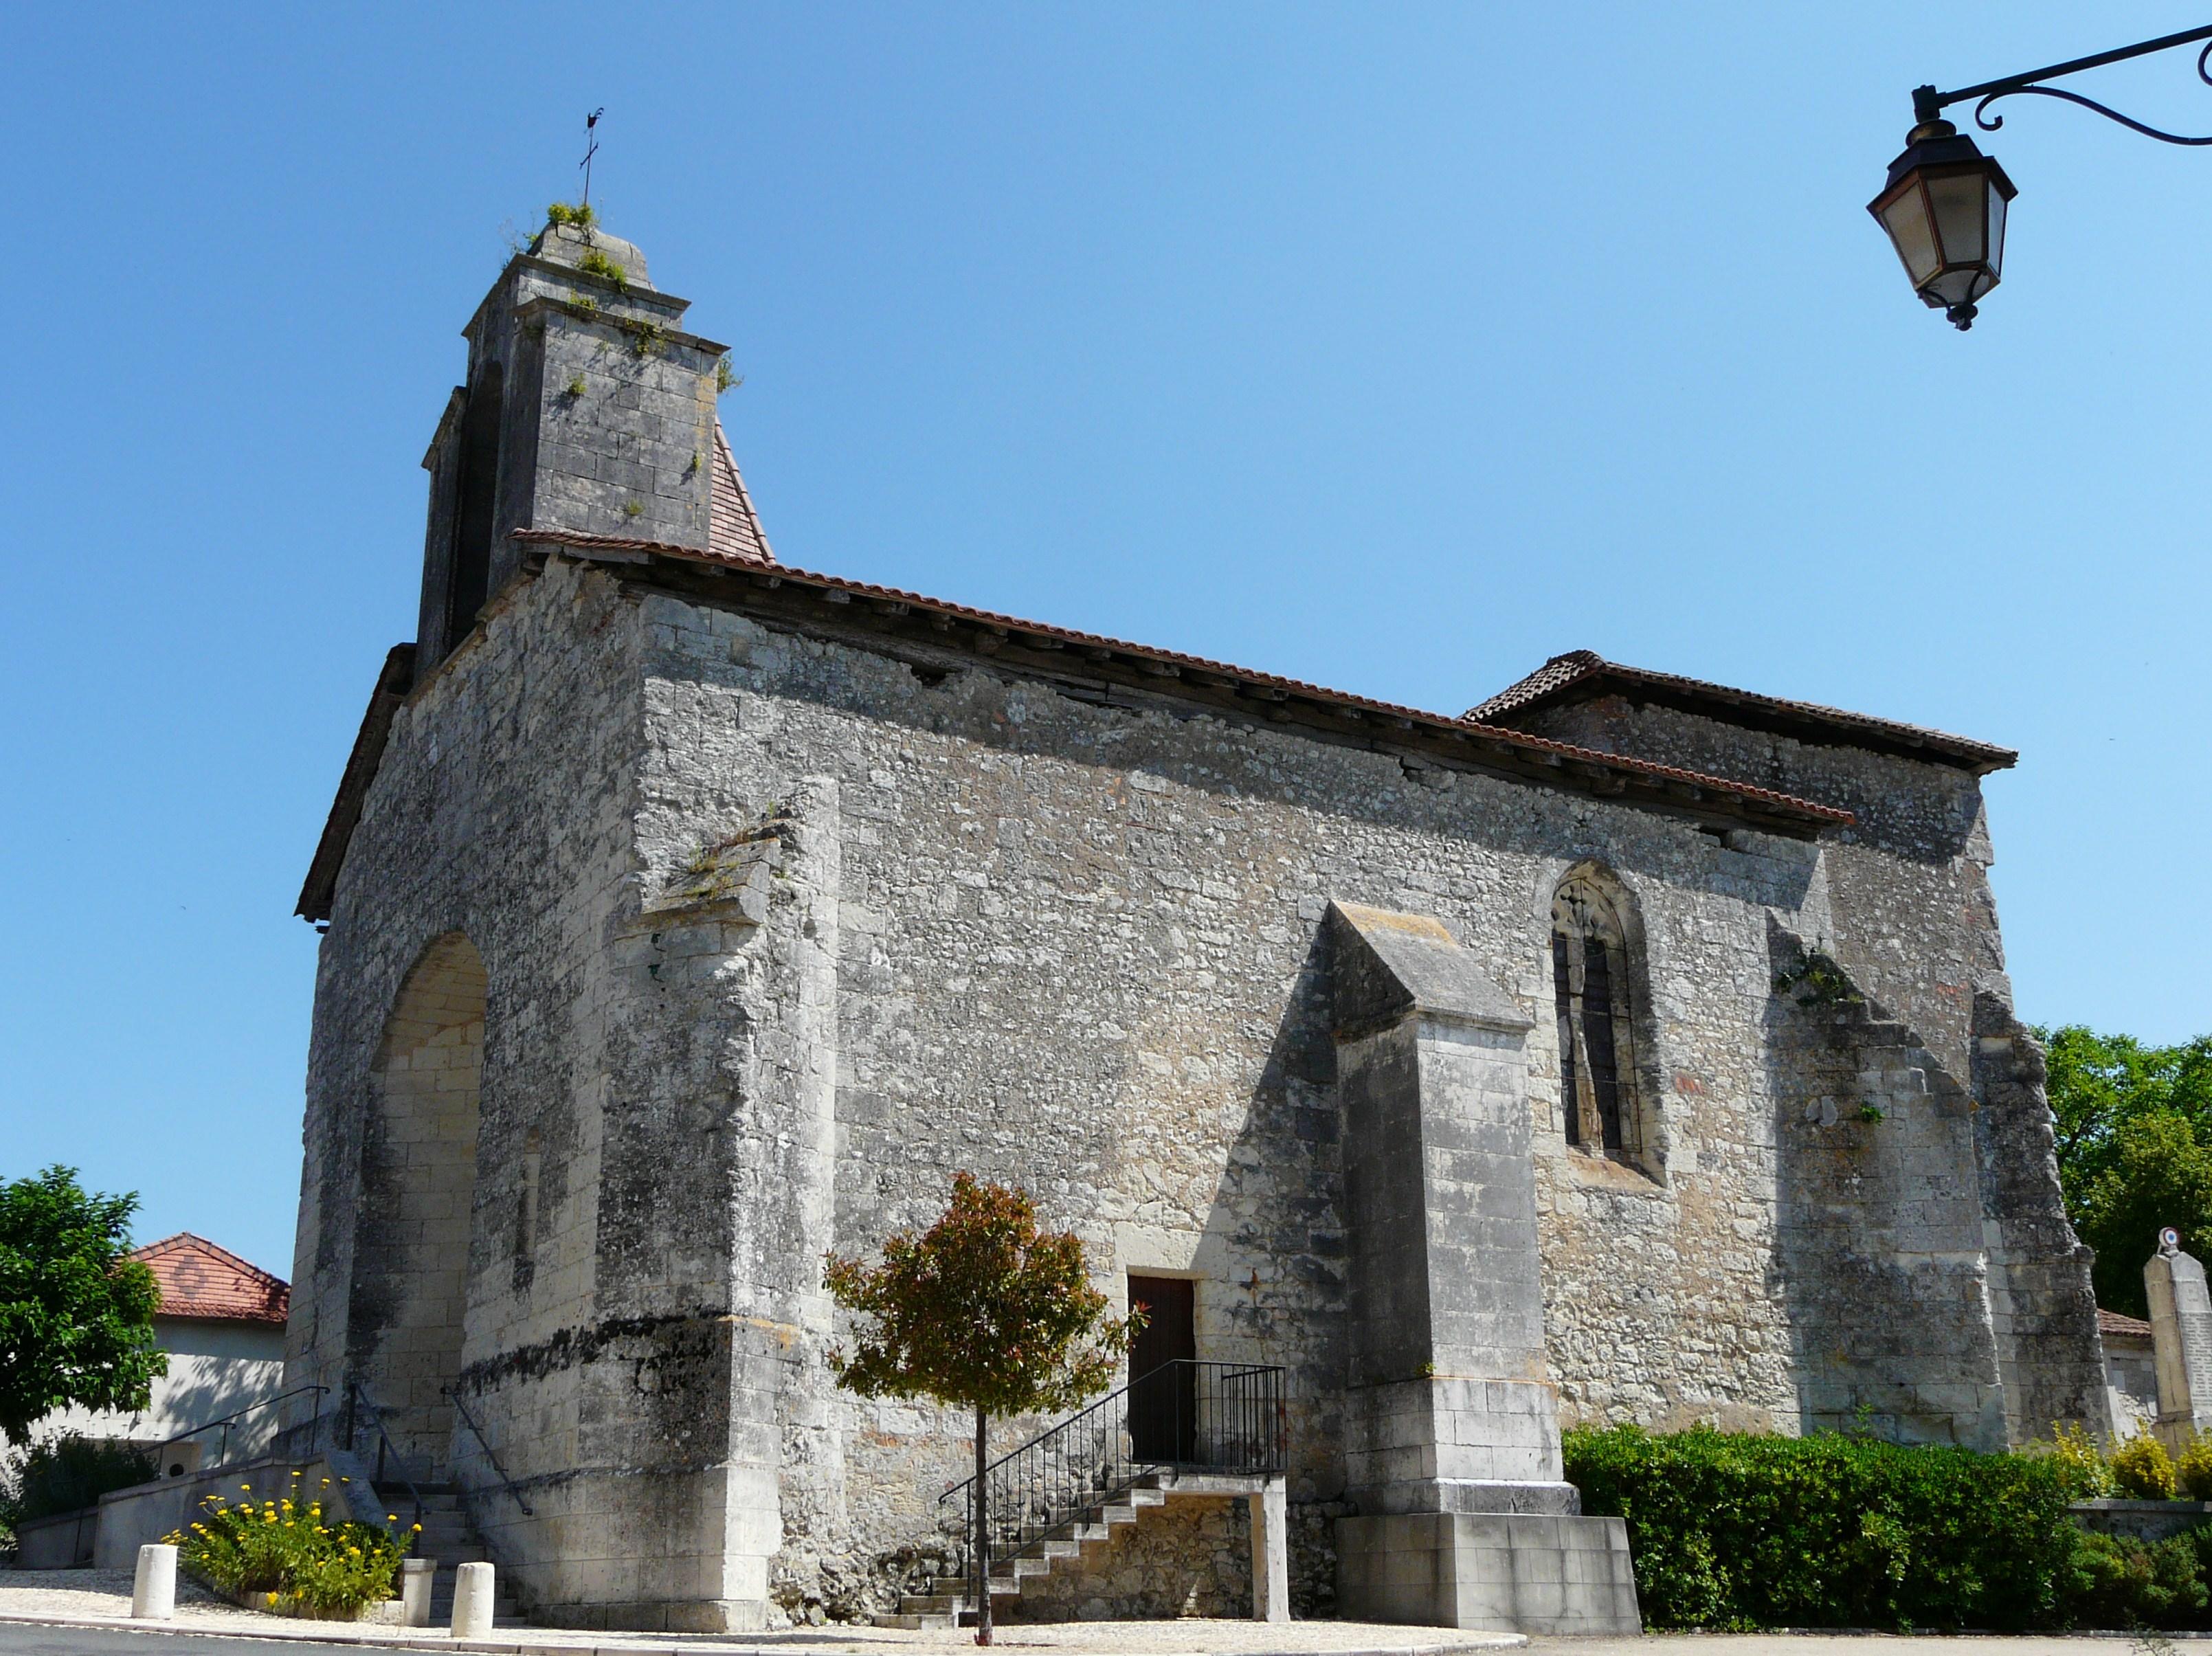 Kirken Saint-Pardoux i Saint-Pardoux-de-Drône